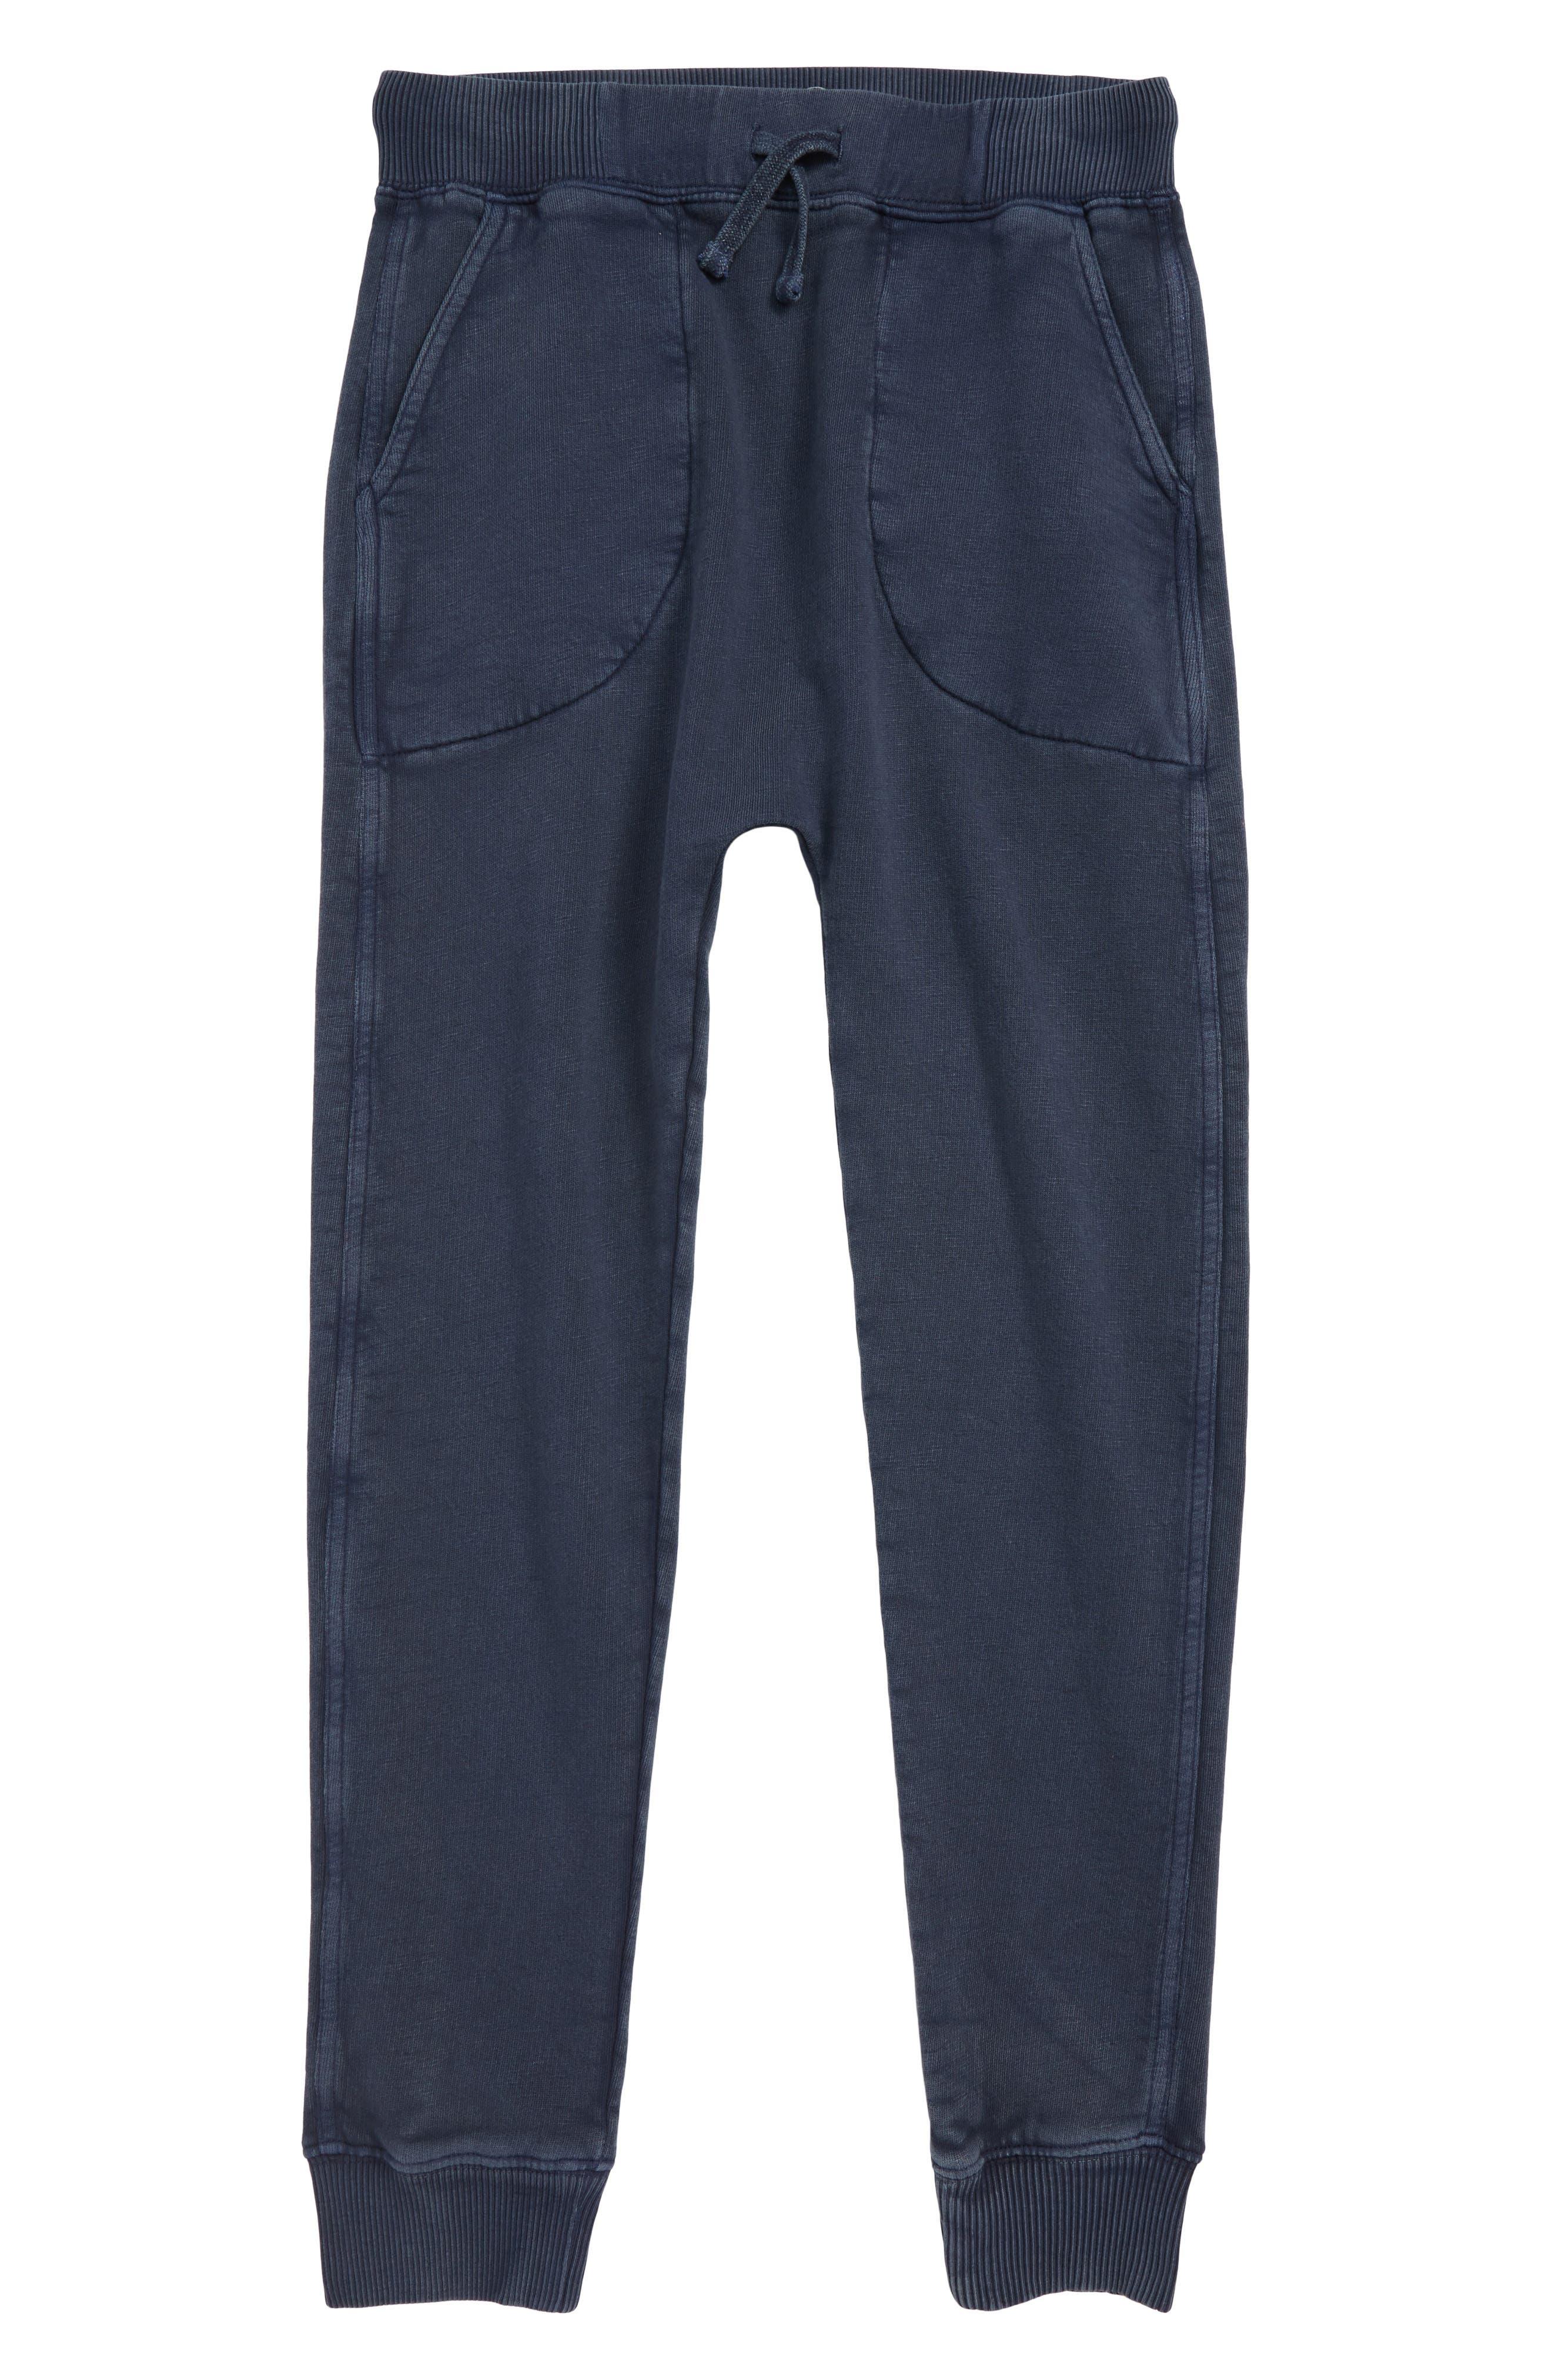 Jogger Pants,                         Main,                         color, NAVY INDIA INK